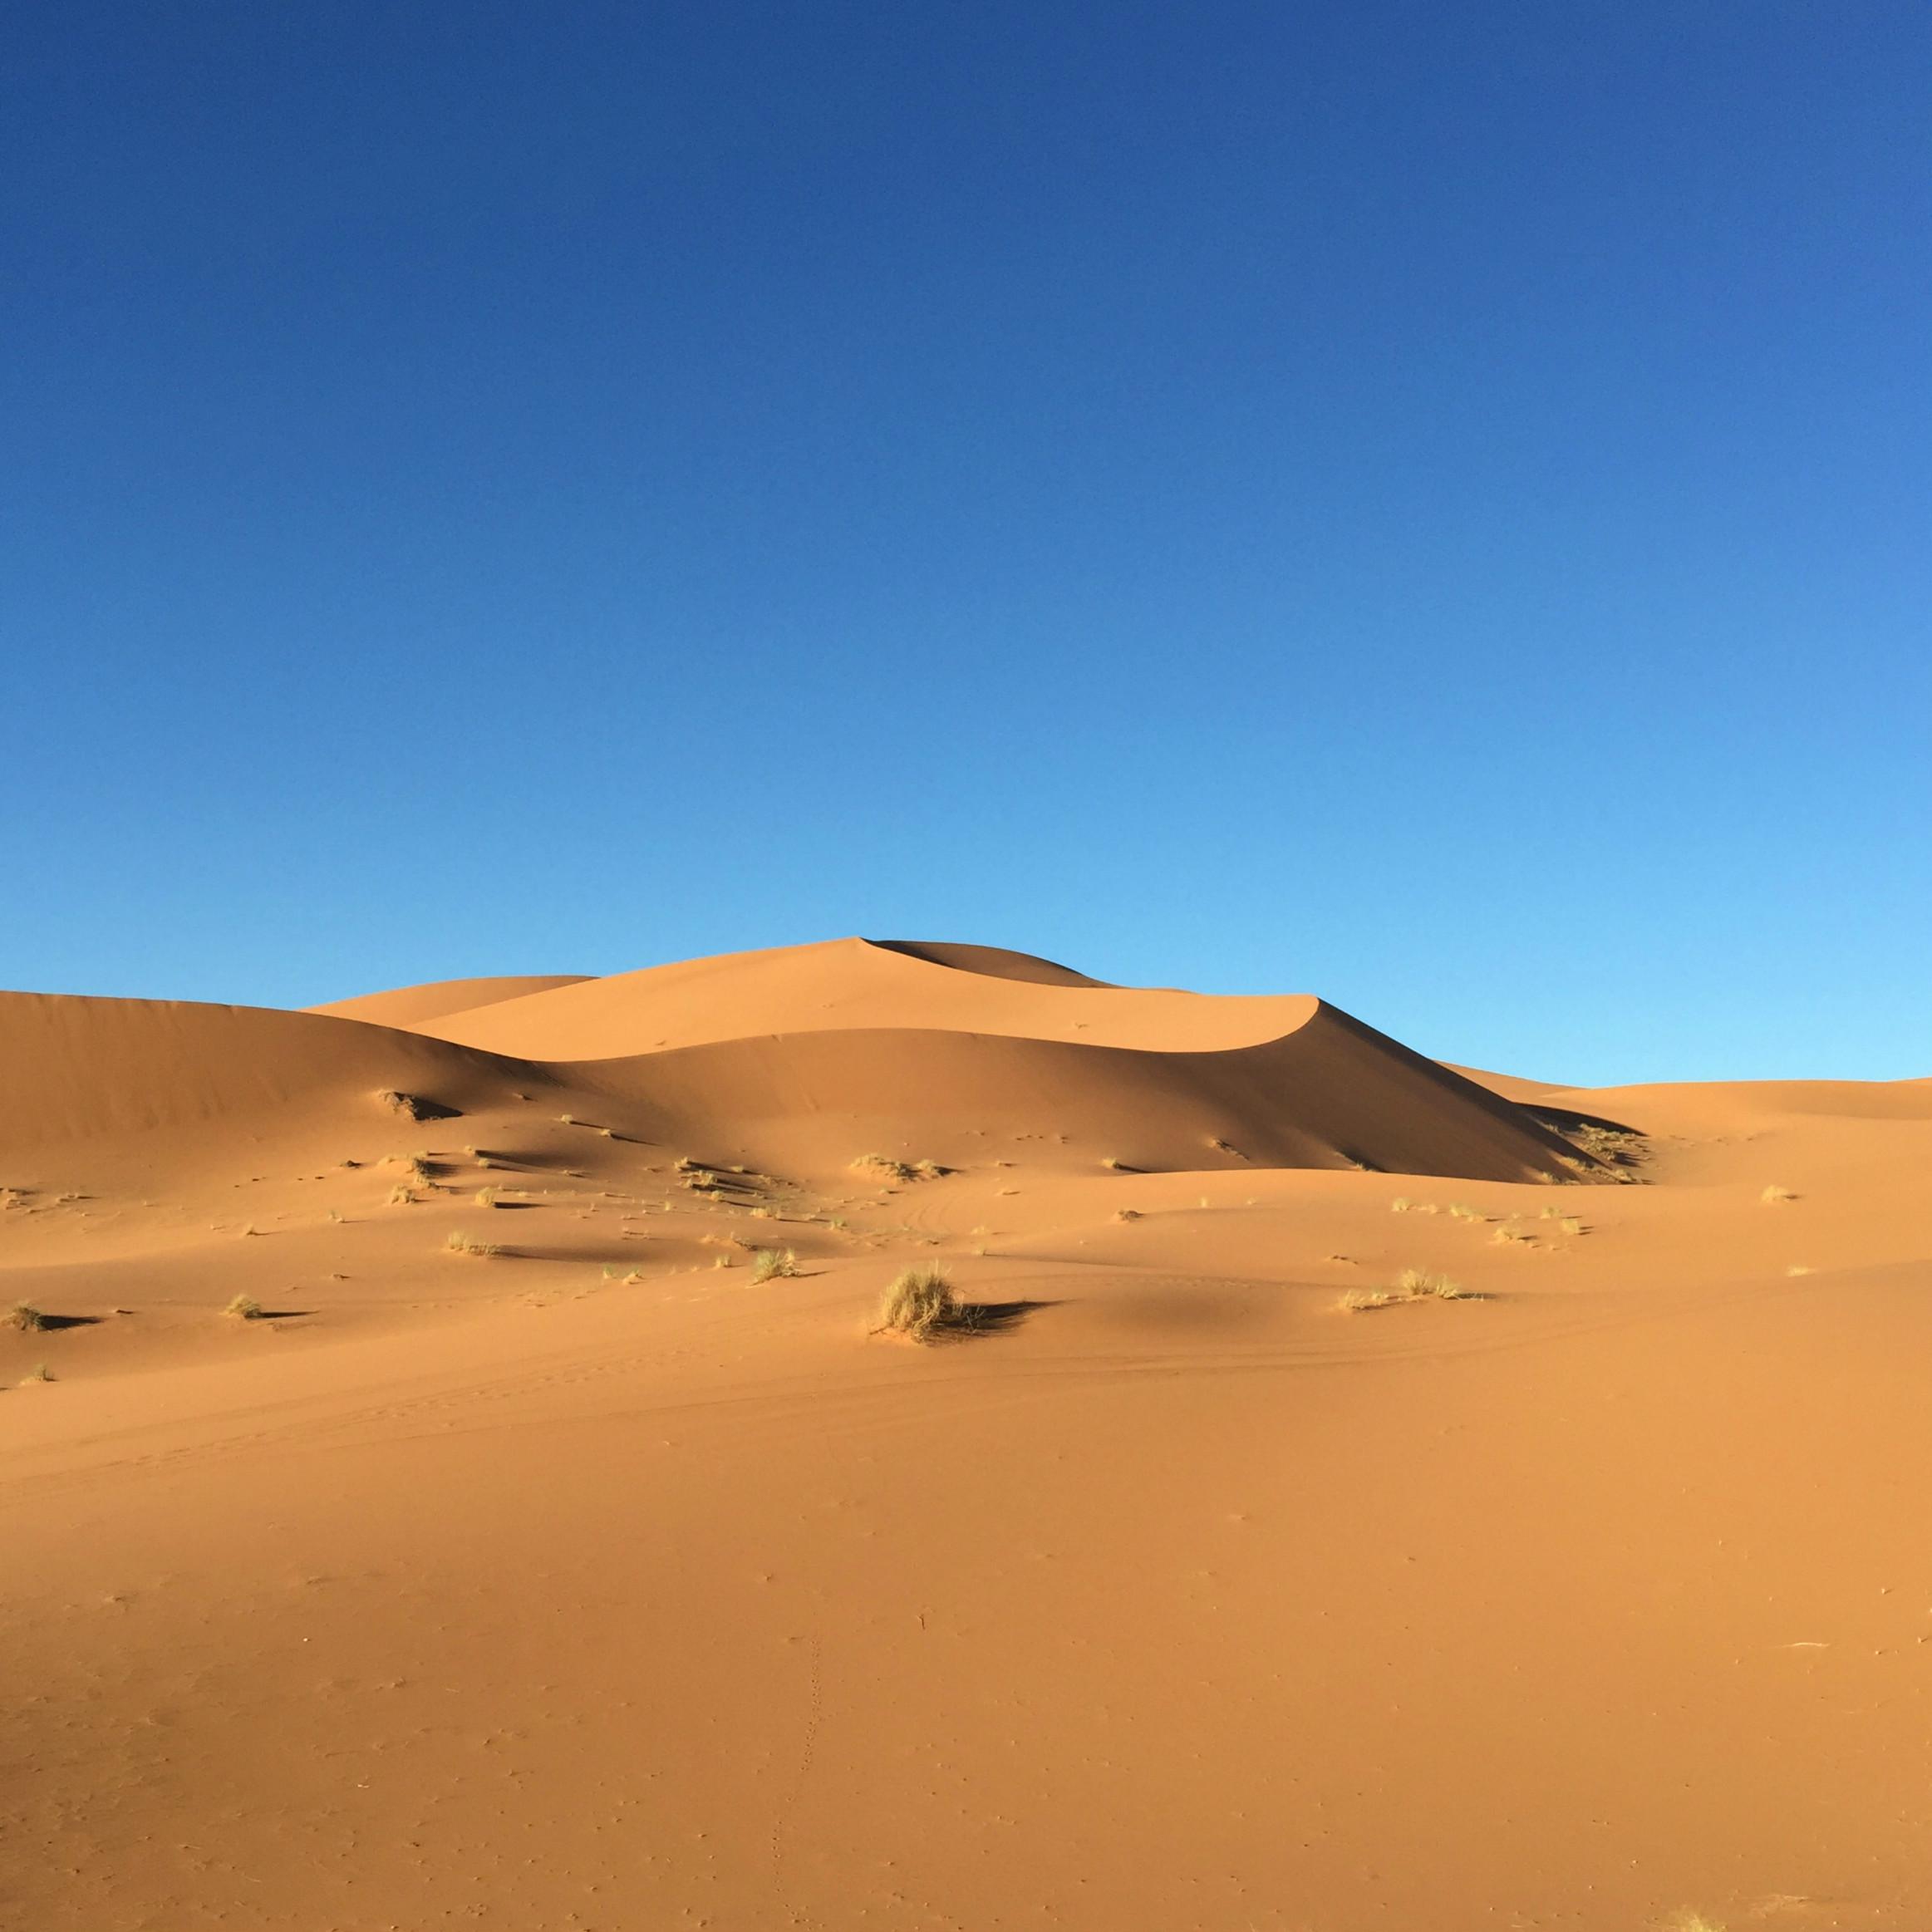 sahara maroc auberges des dunes d'or trek désert blog camille in bordeaux